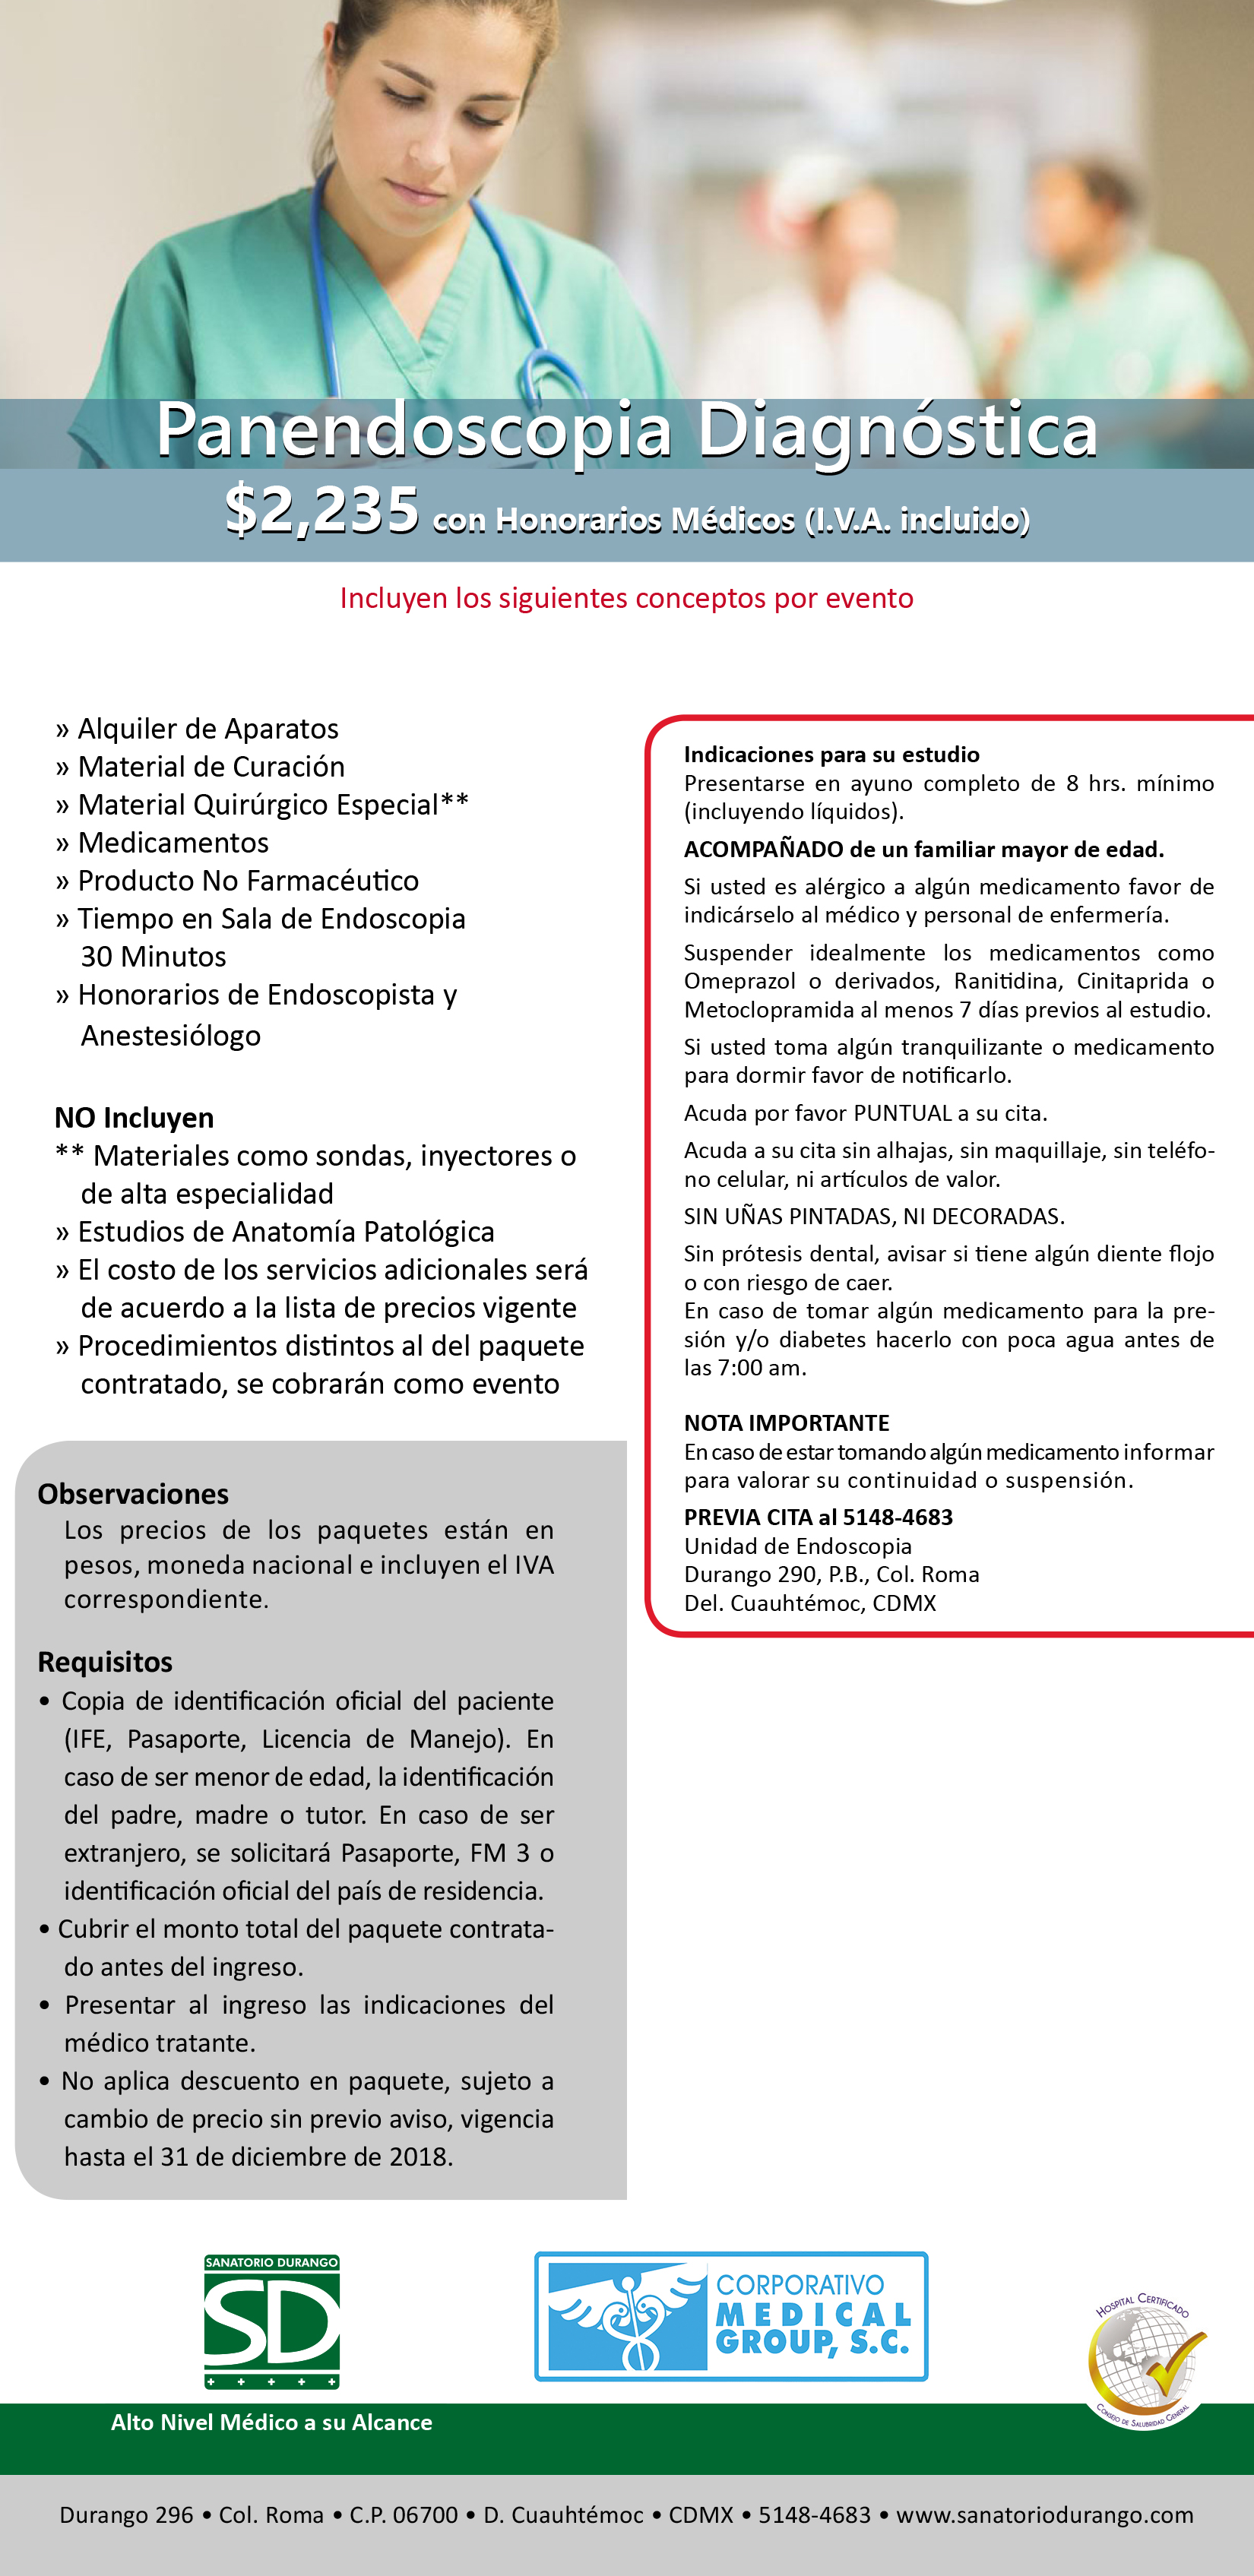 Panendoscopia con honorarios-1